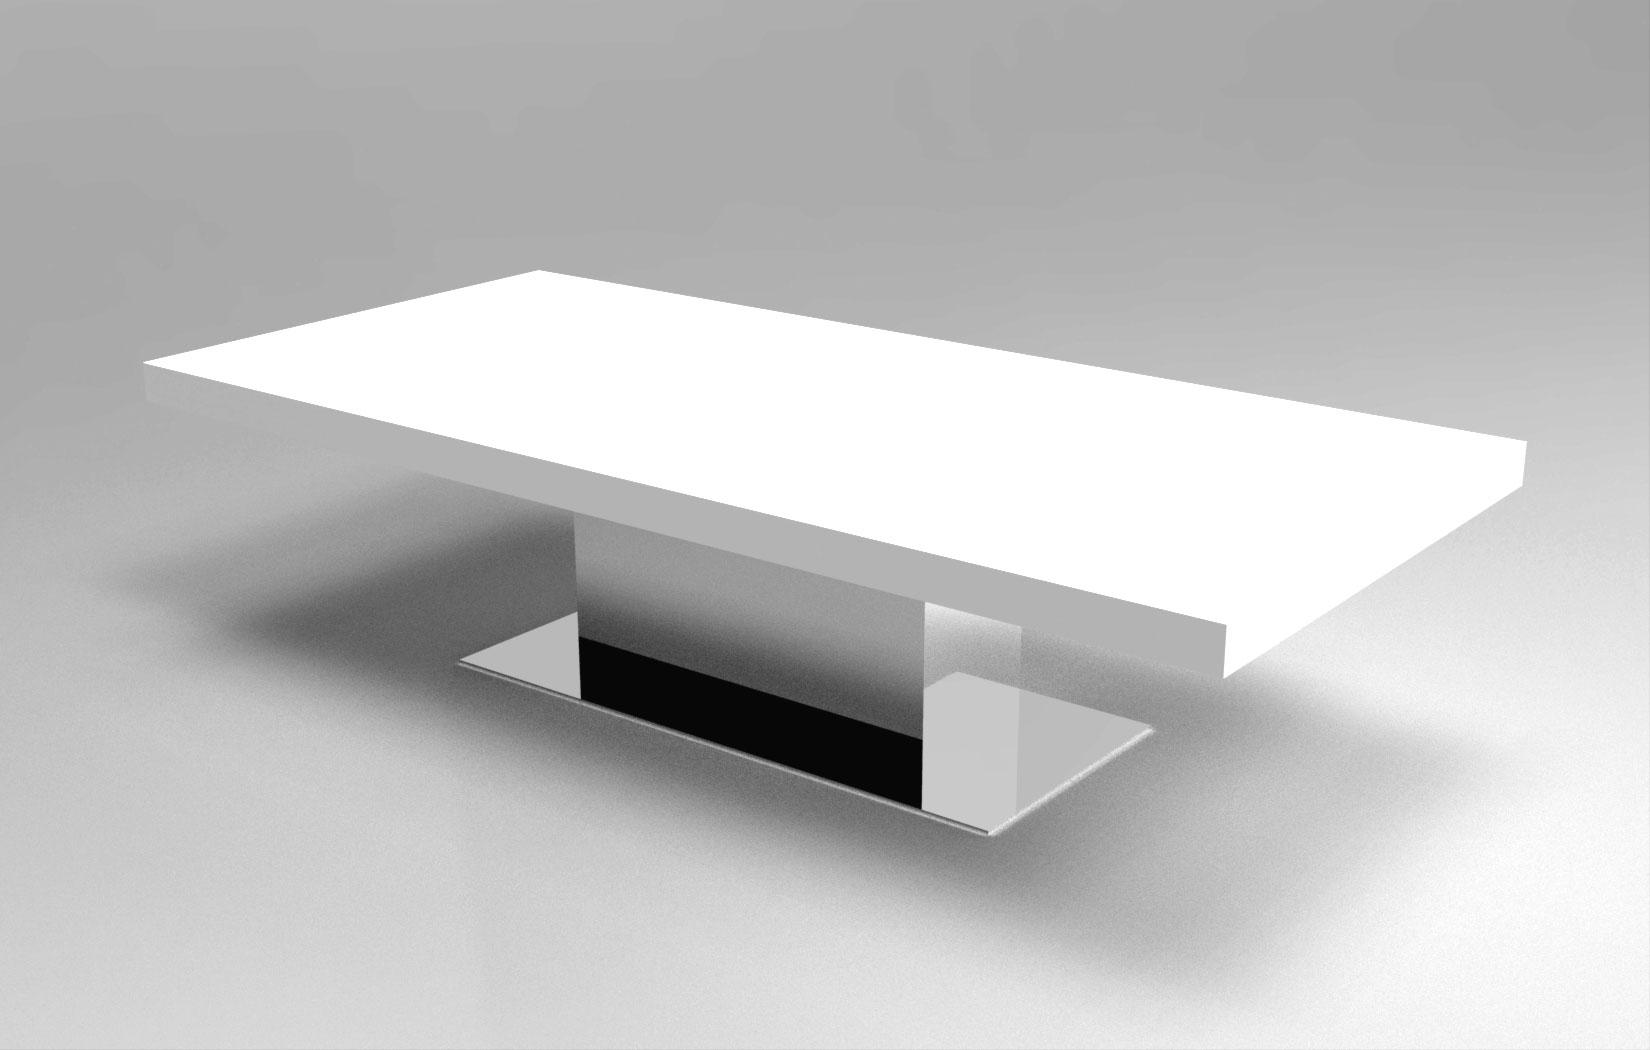 Lune design tavolo 39 amici 39 in dupont corian for Produttori tavoli allungabili